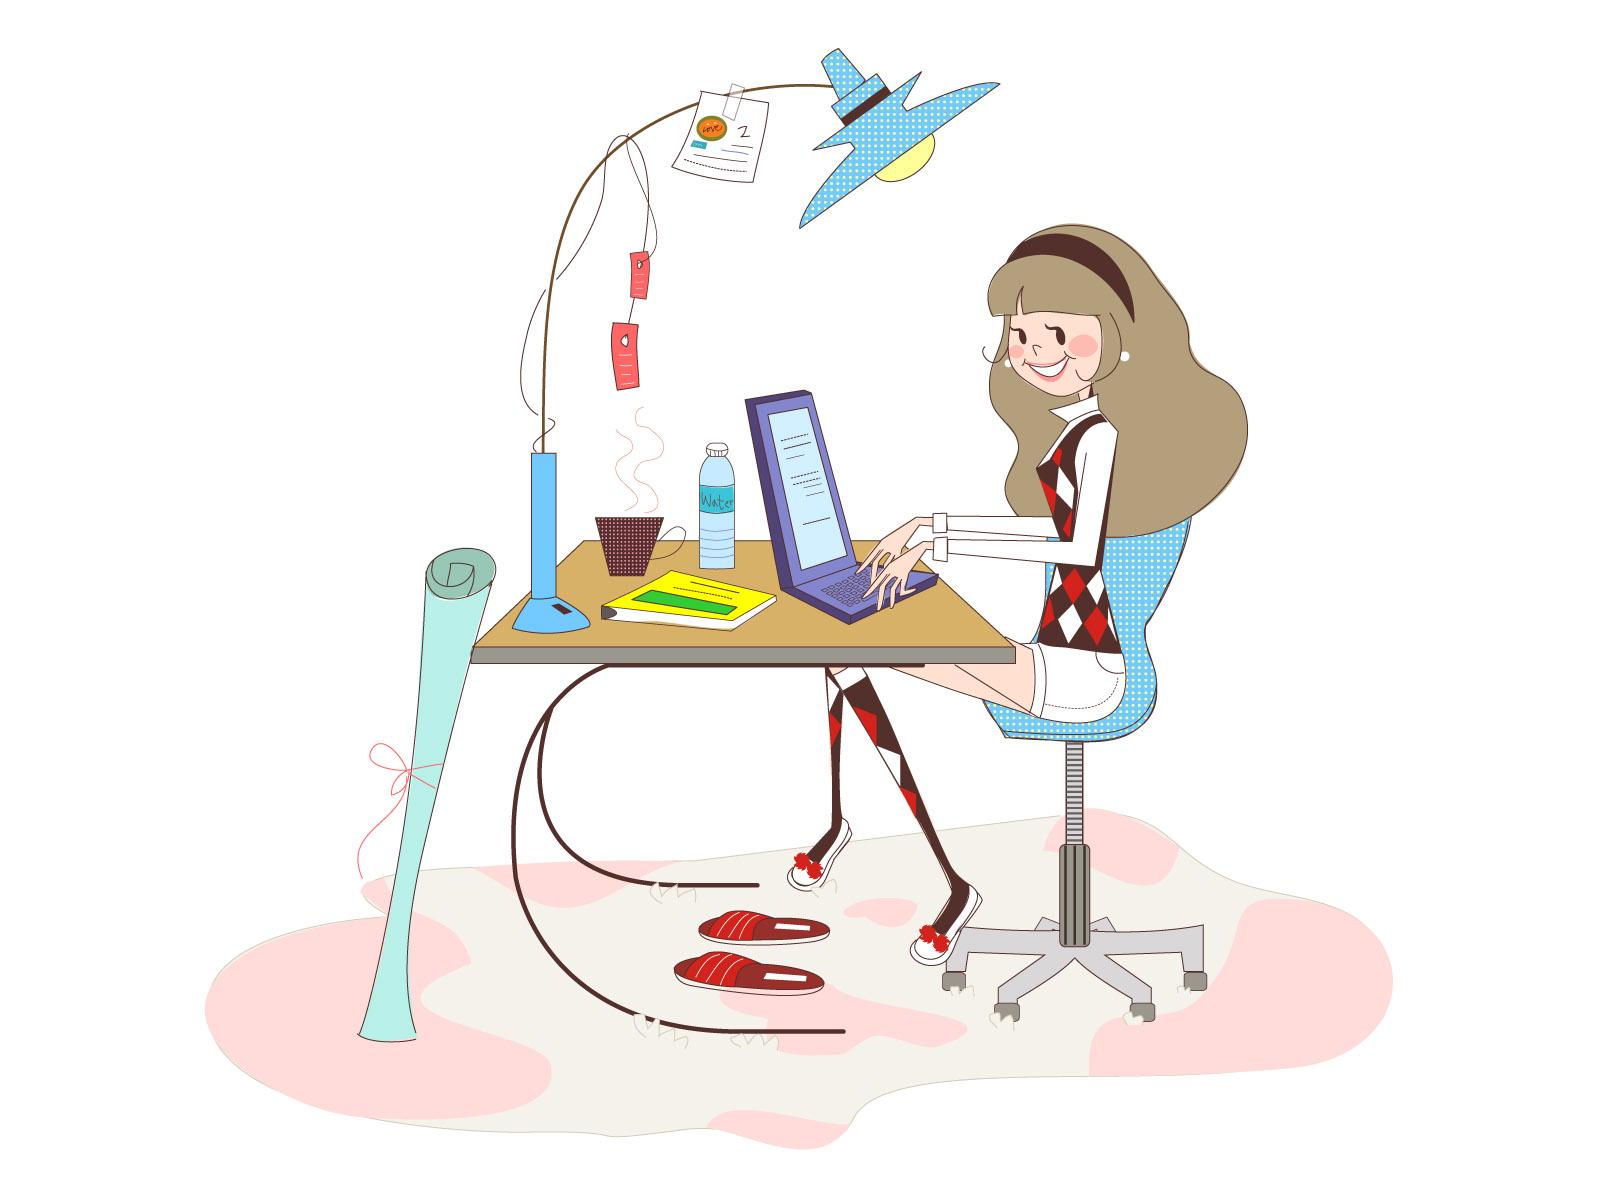 矢量女性简笔画-设计欣赏-素材中国-online.sccnn